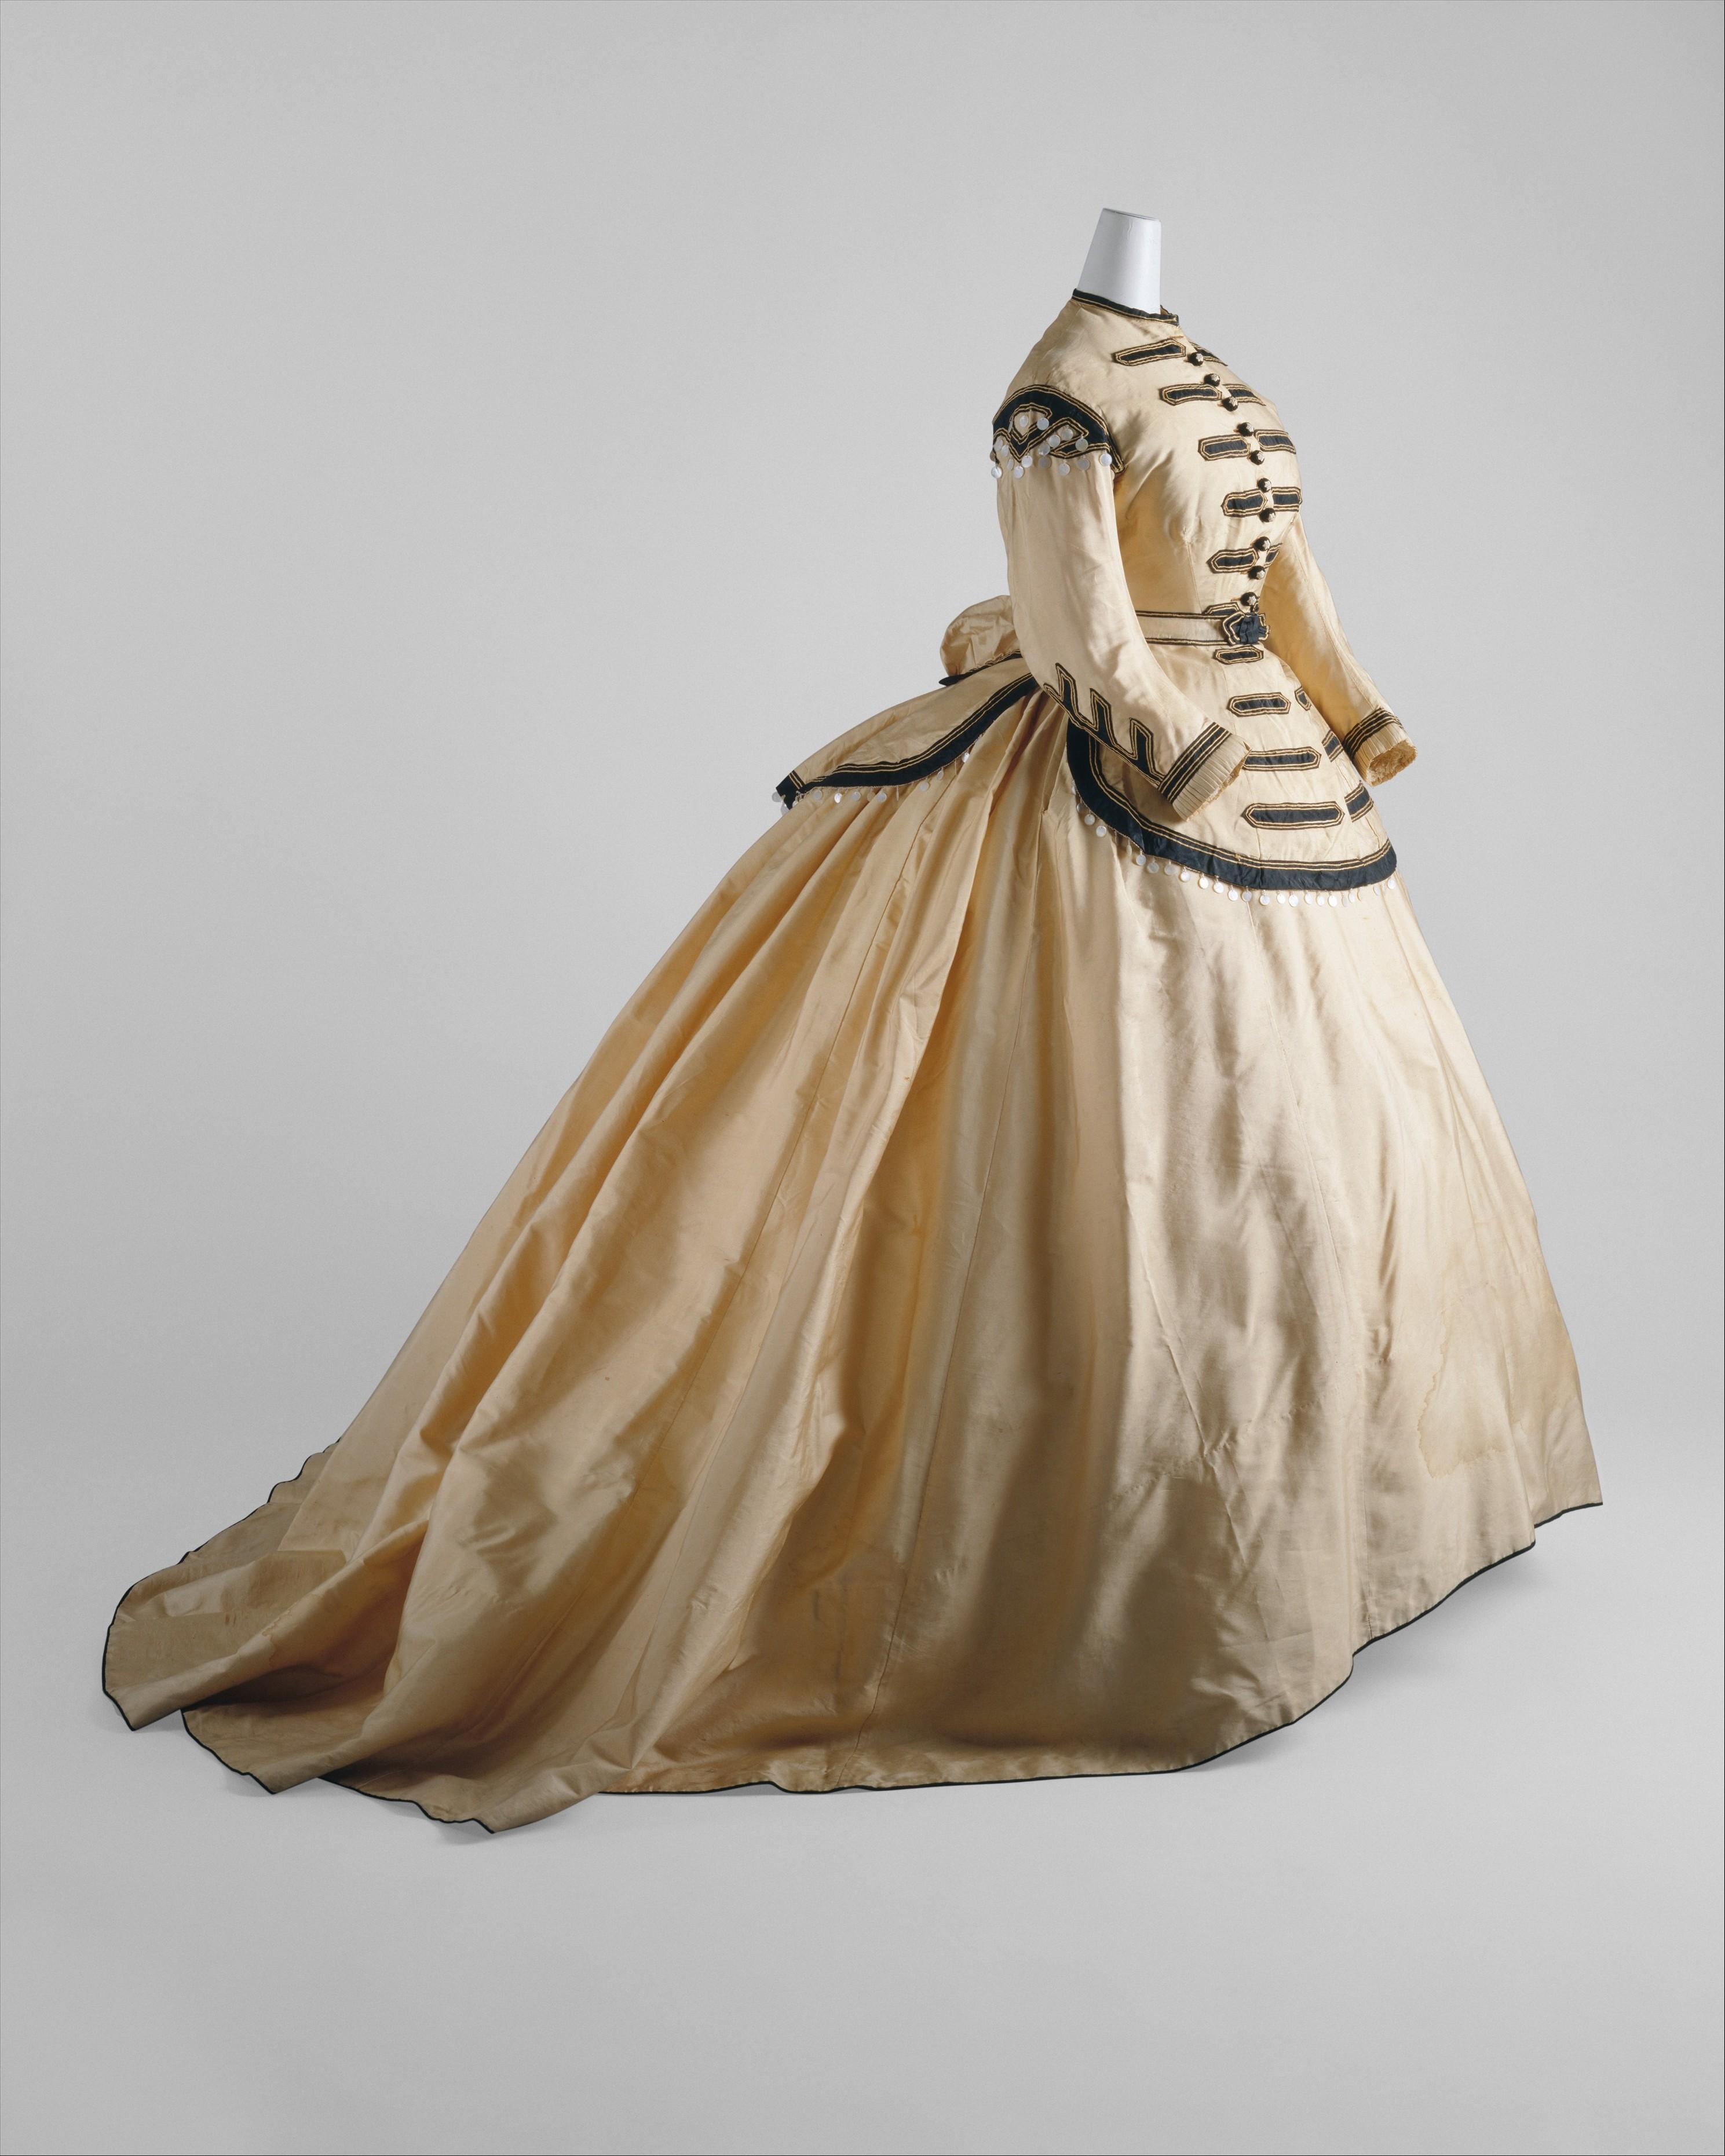 Fashion By Decade (1800s) Quiz